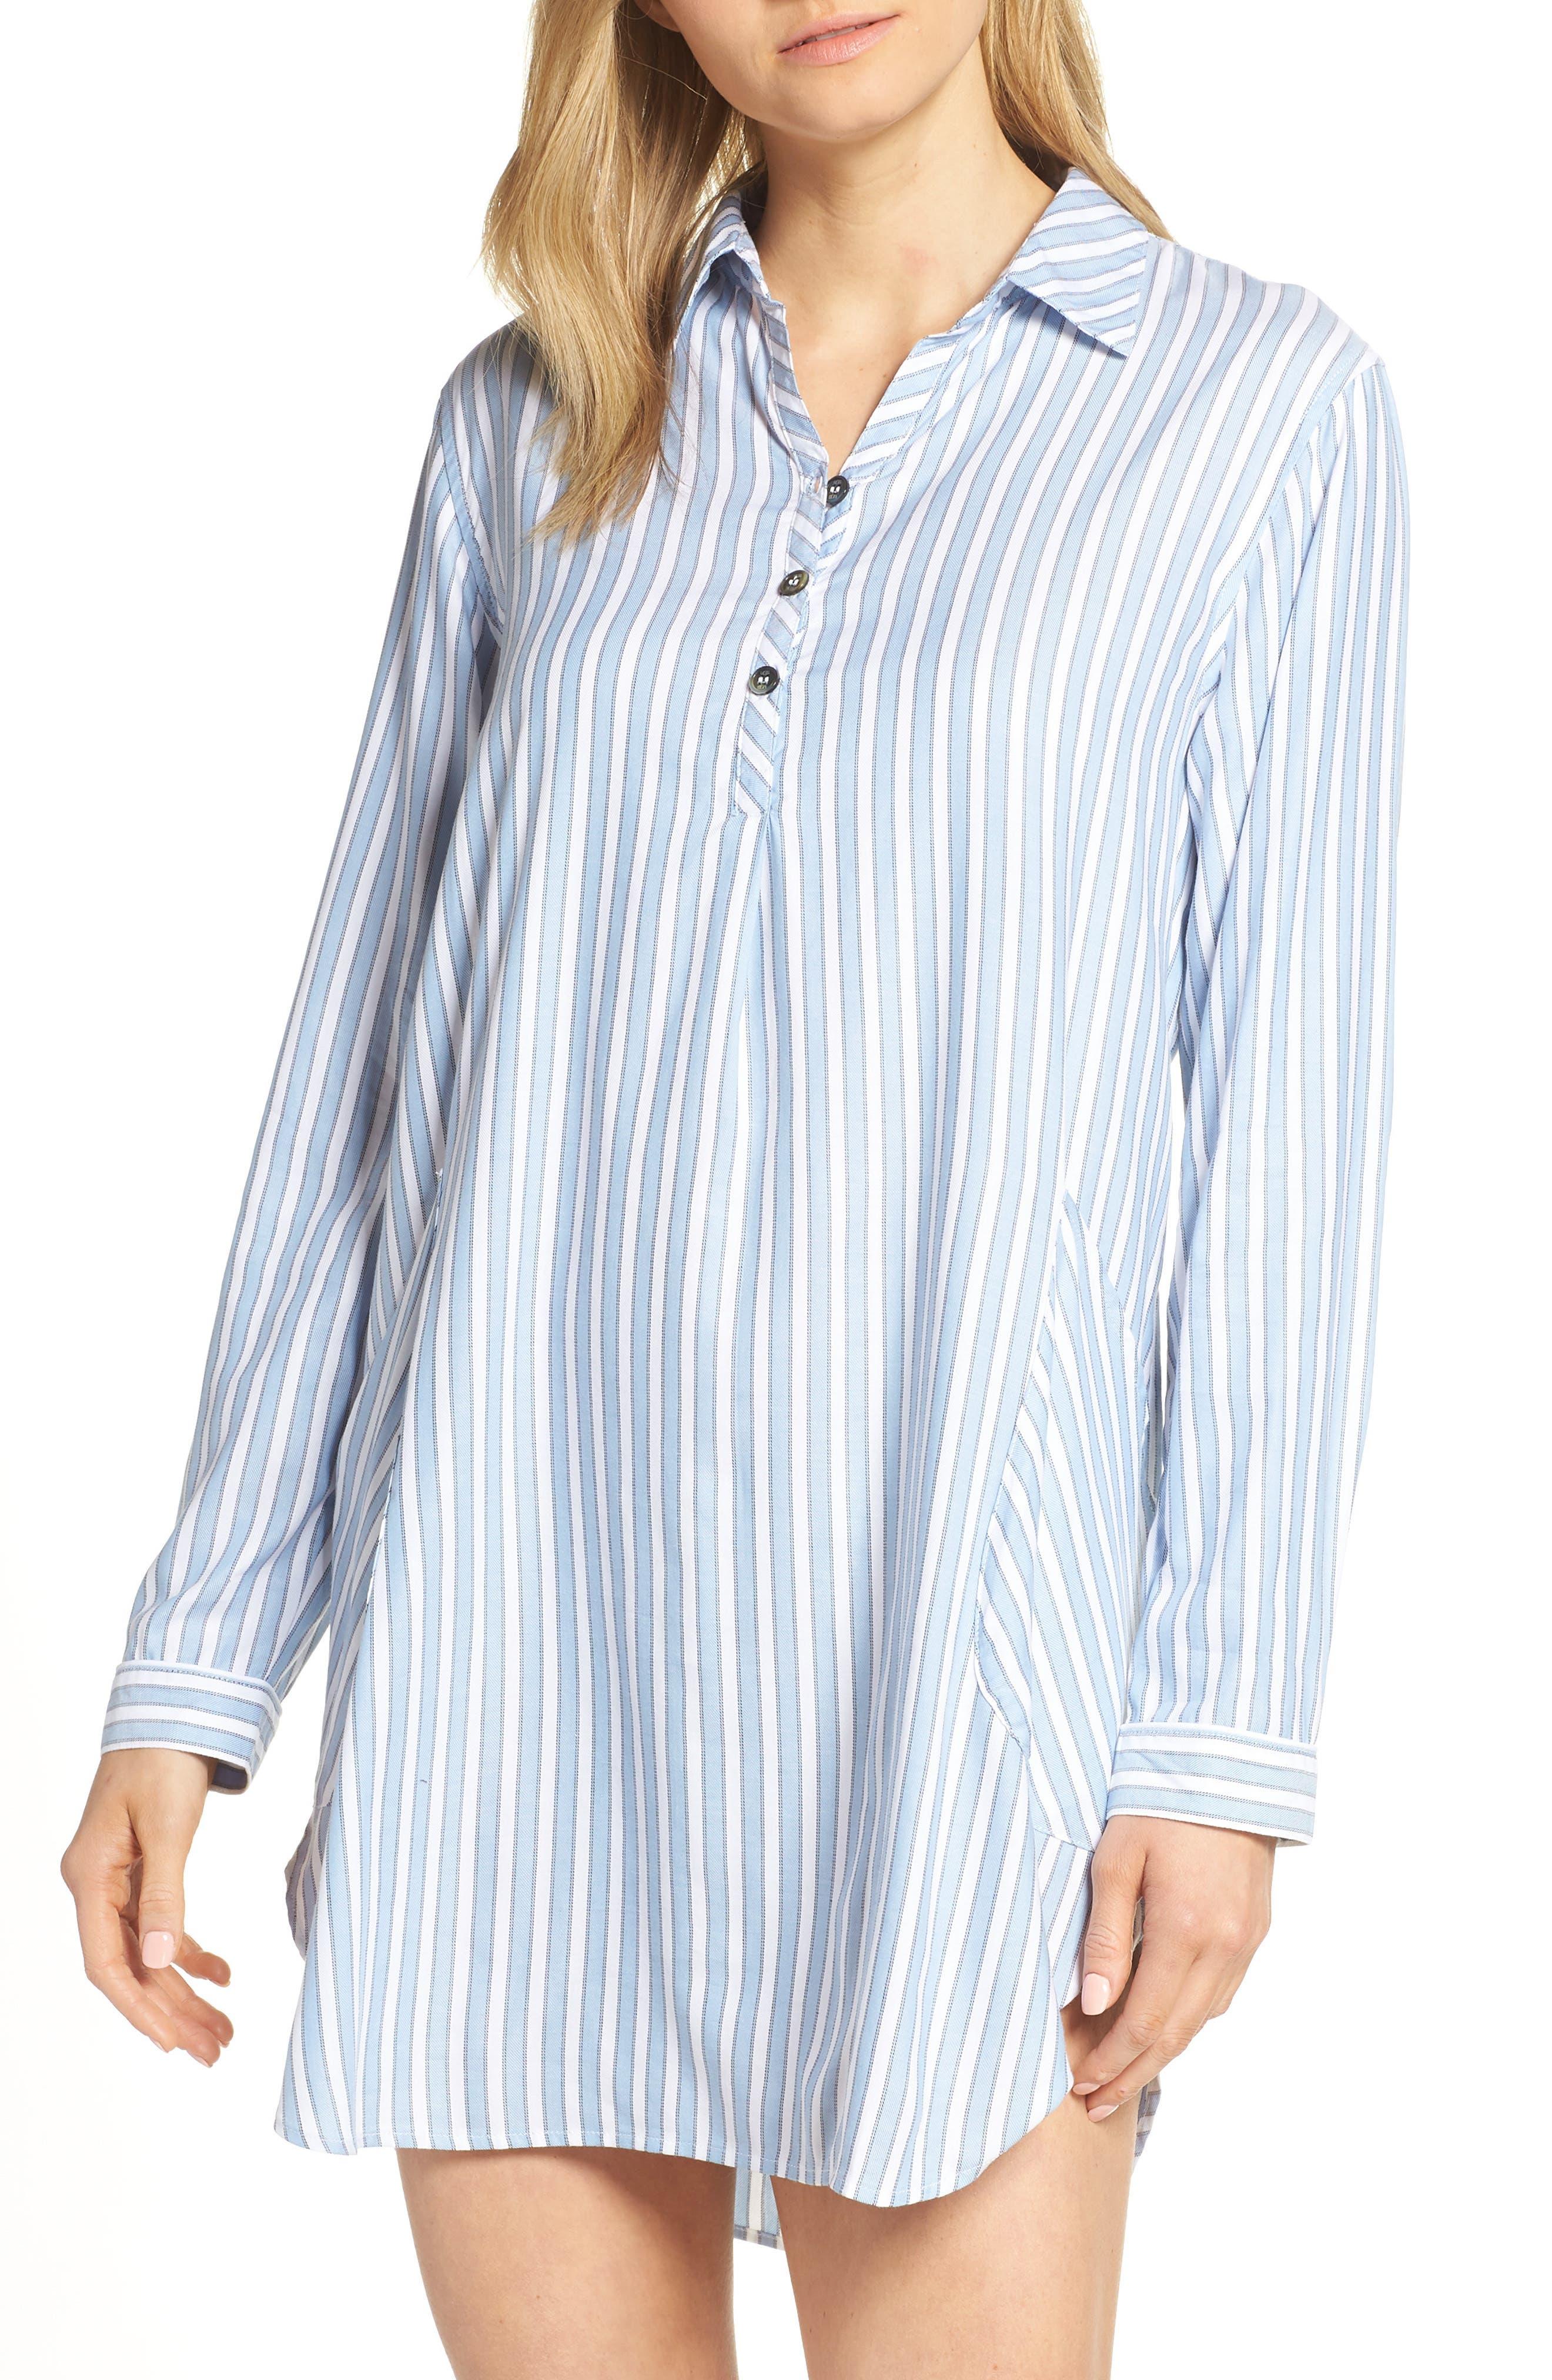 Ugg Gabri Sleepshirt, Blue